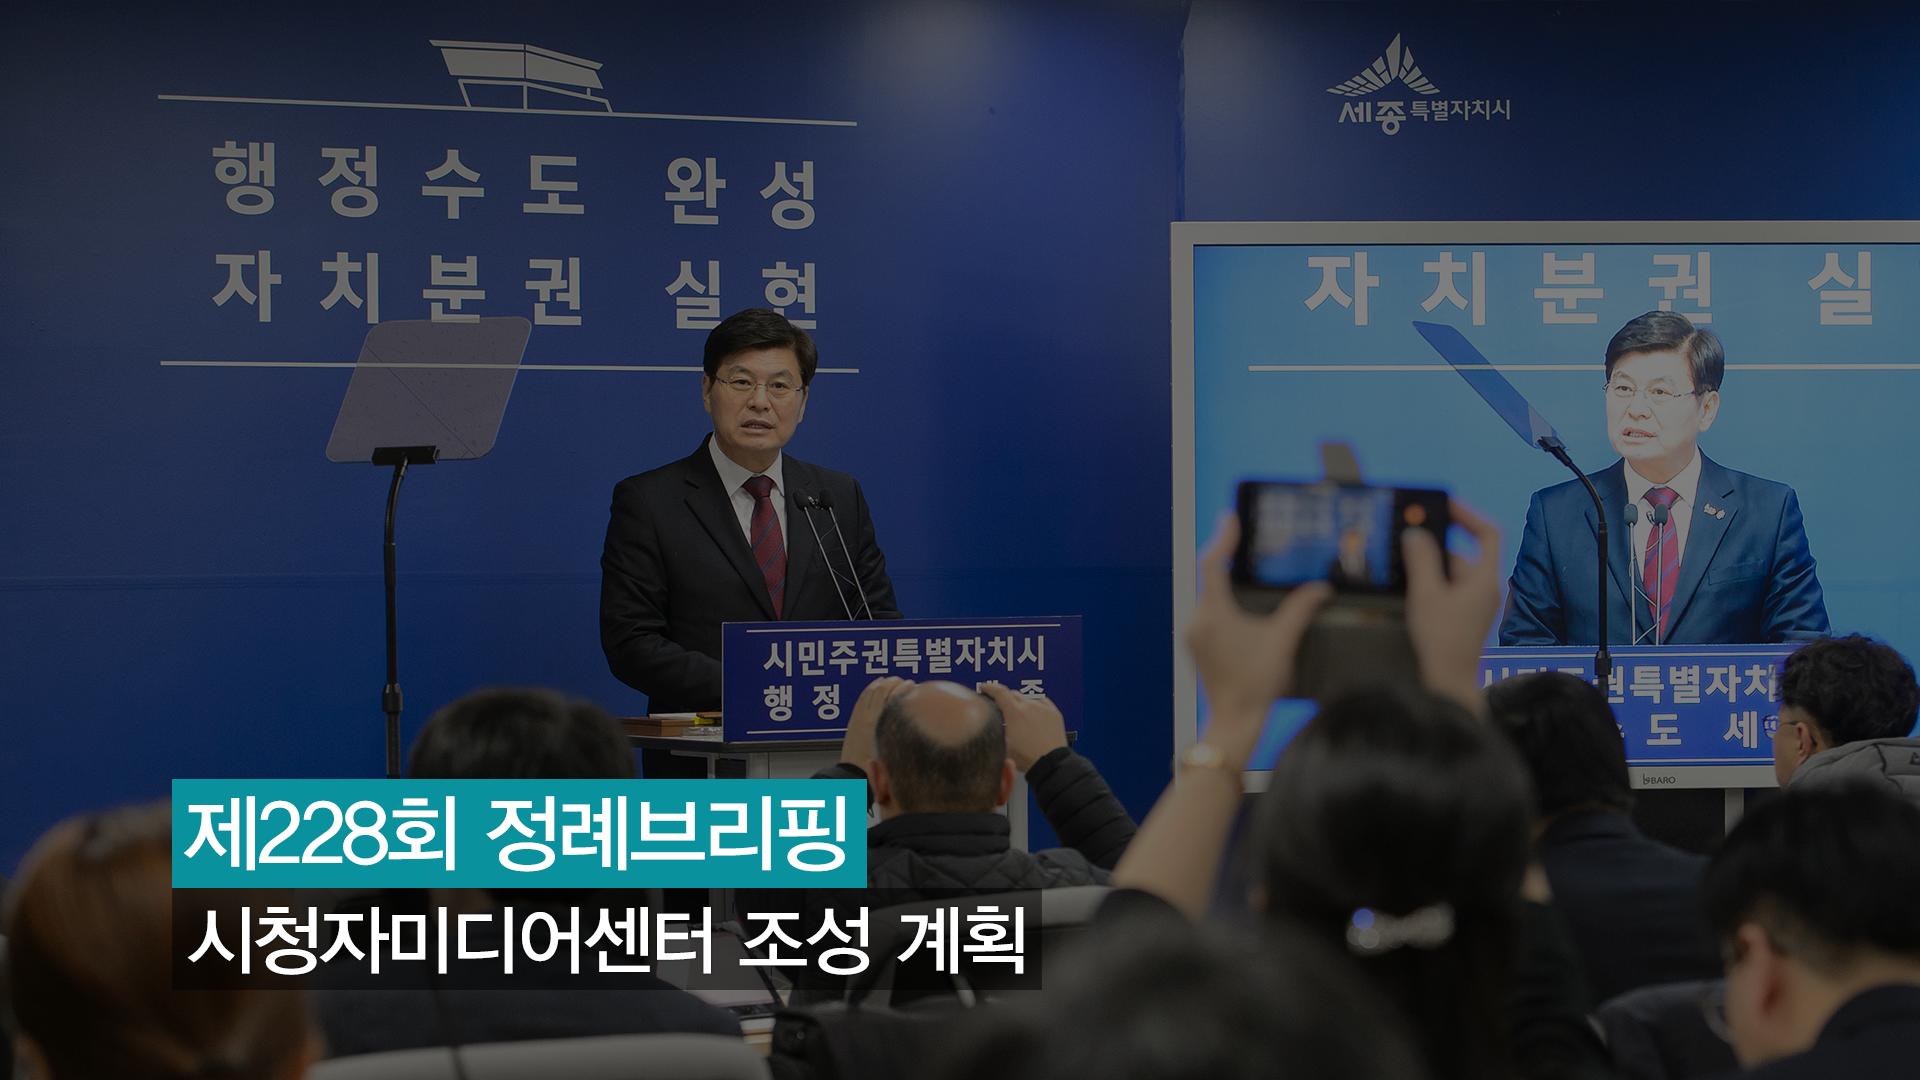 <228번째 정레브리핑> 시청자미디어센터 조성 계획